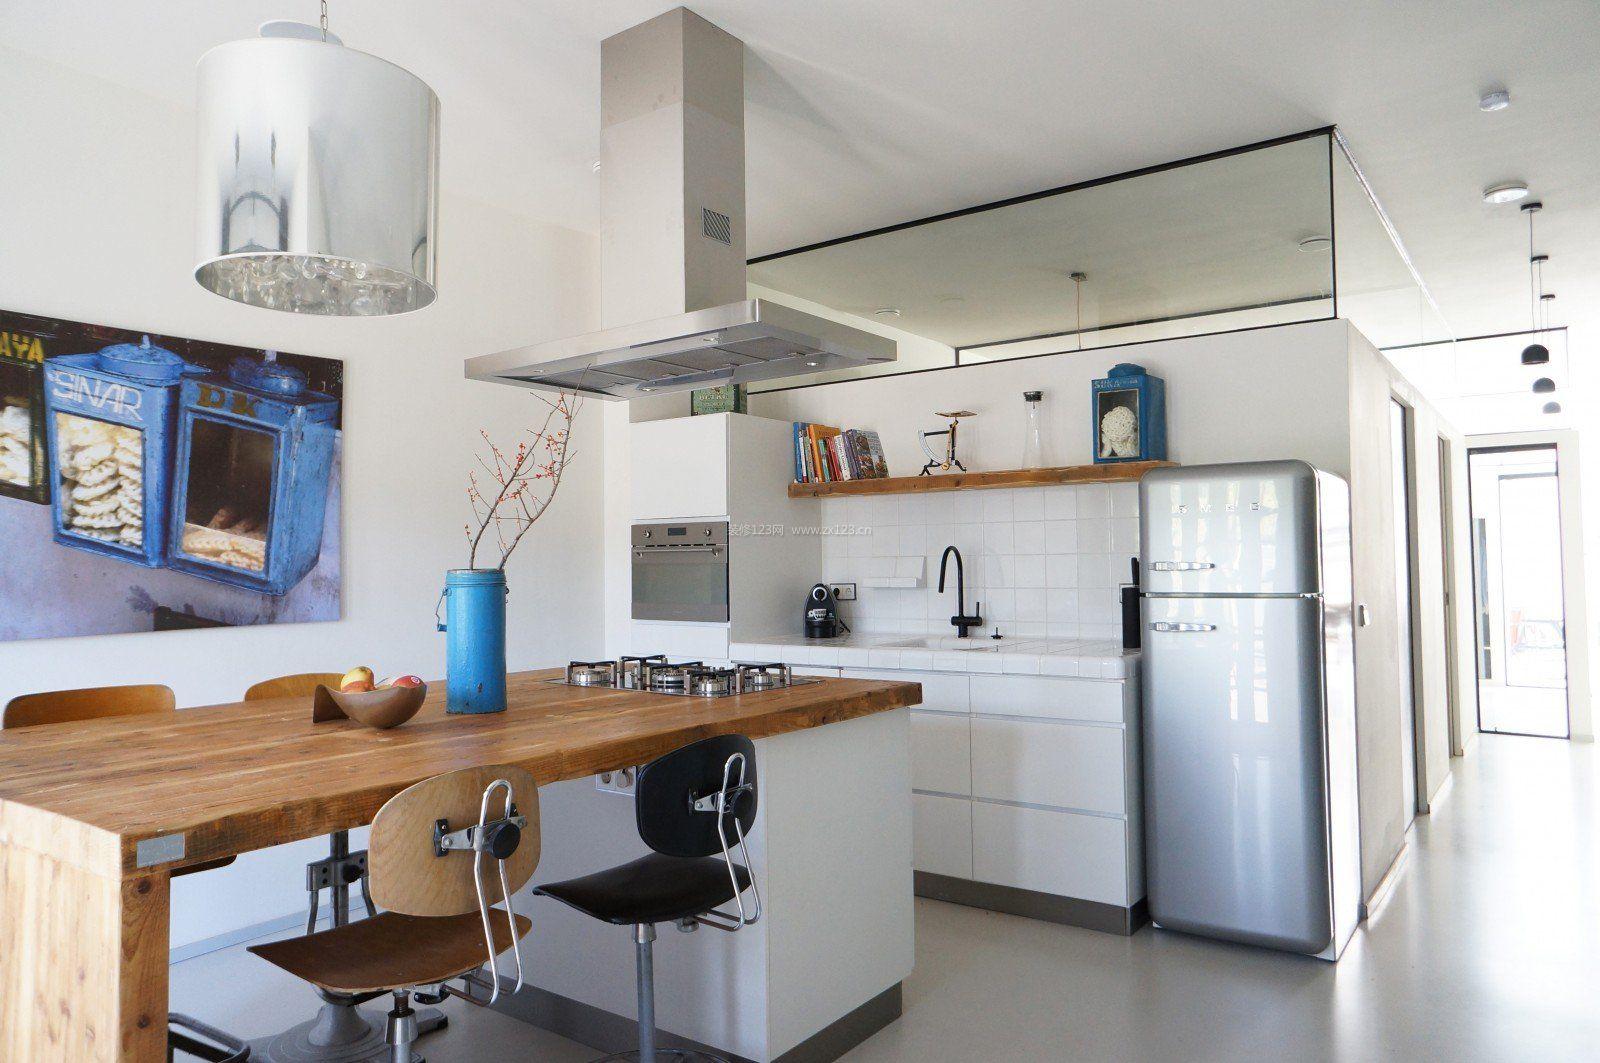 新房厨房餐厅一体装修效果图片